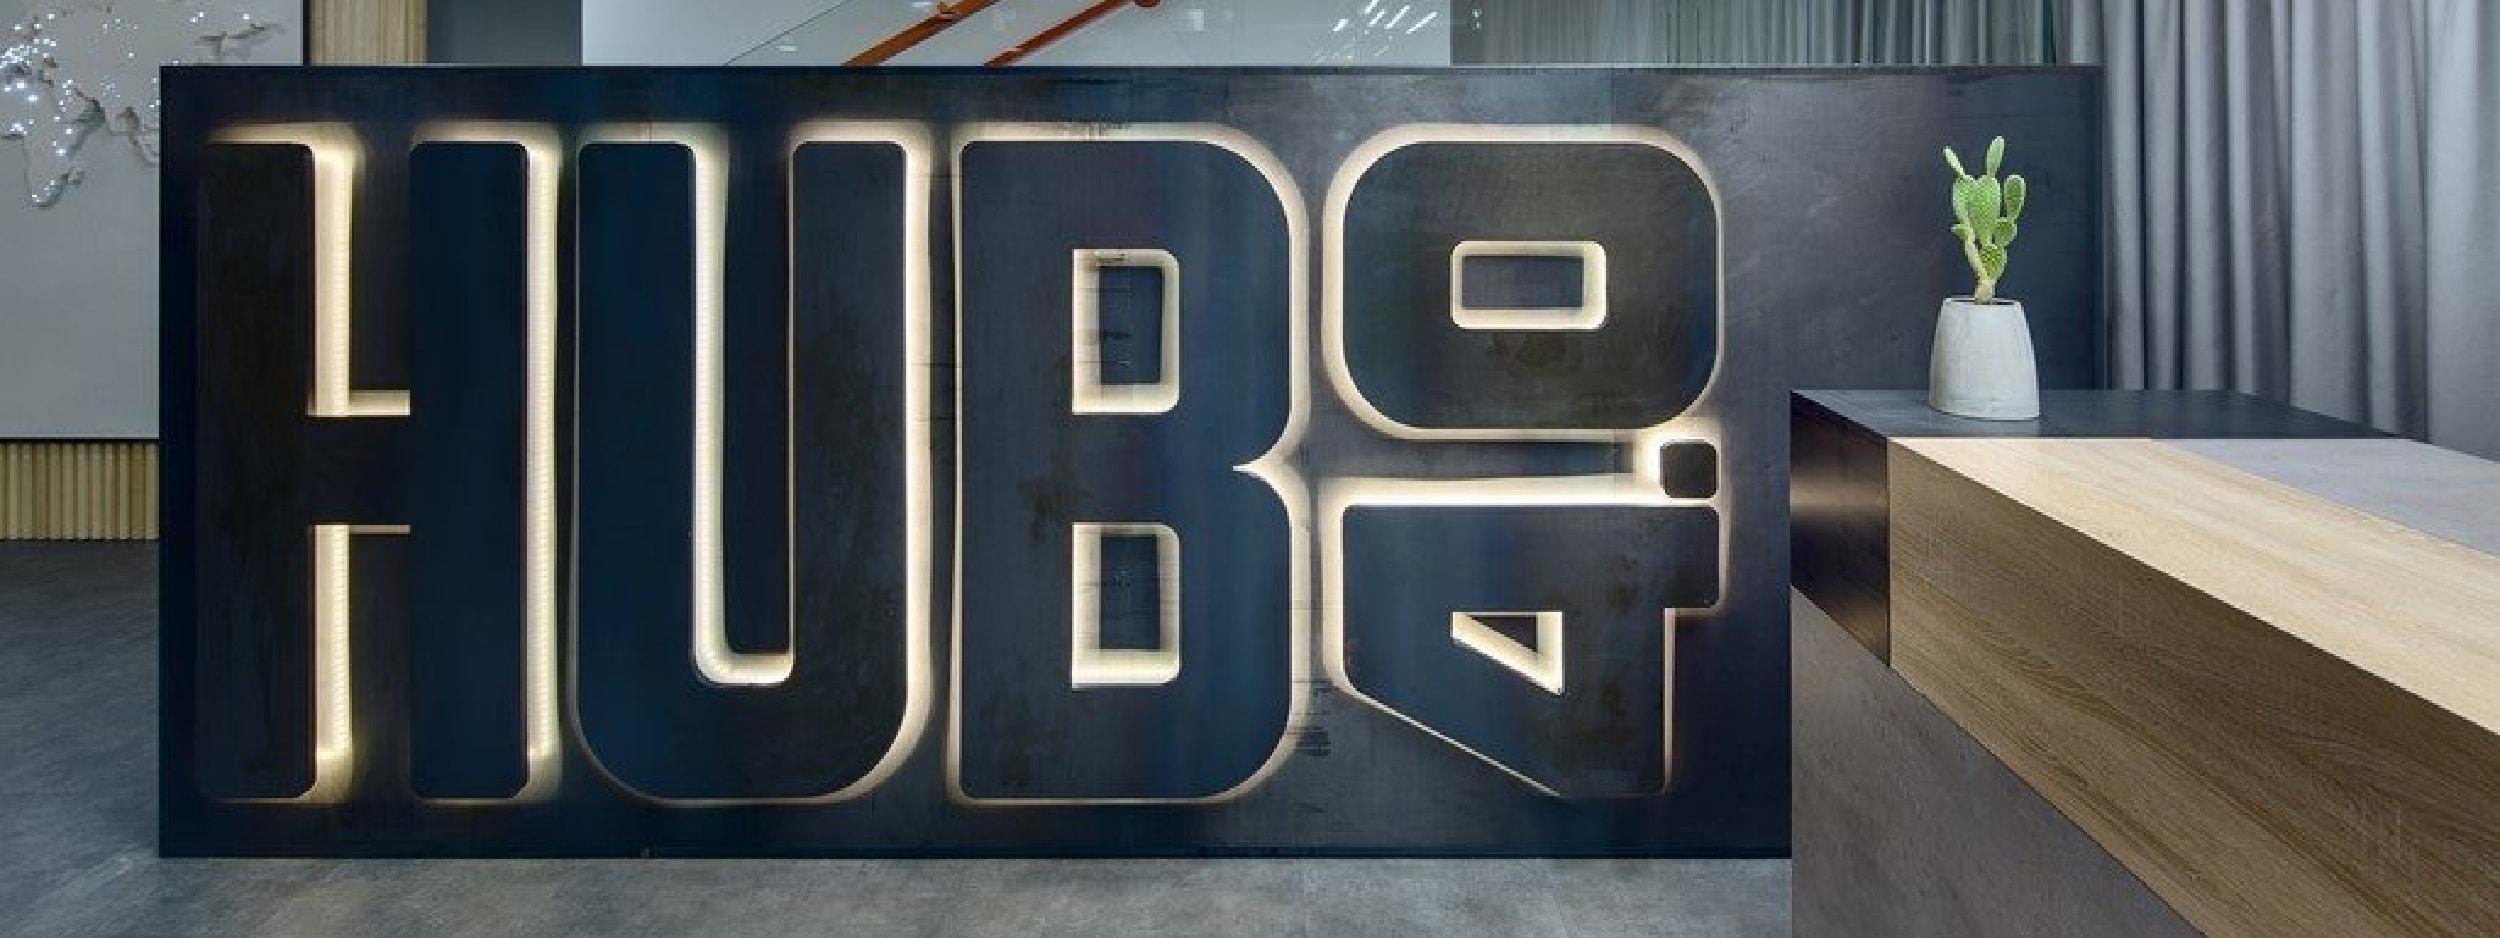 HUB 4.0 увійшов до 12 кращих коворкінгів Києва за версією BusinessViews